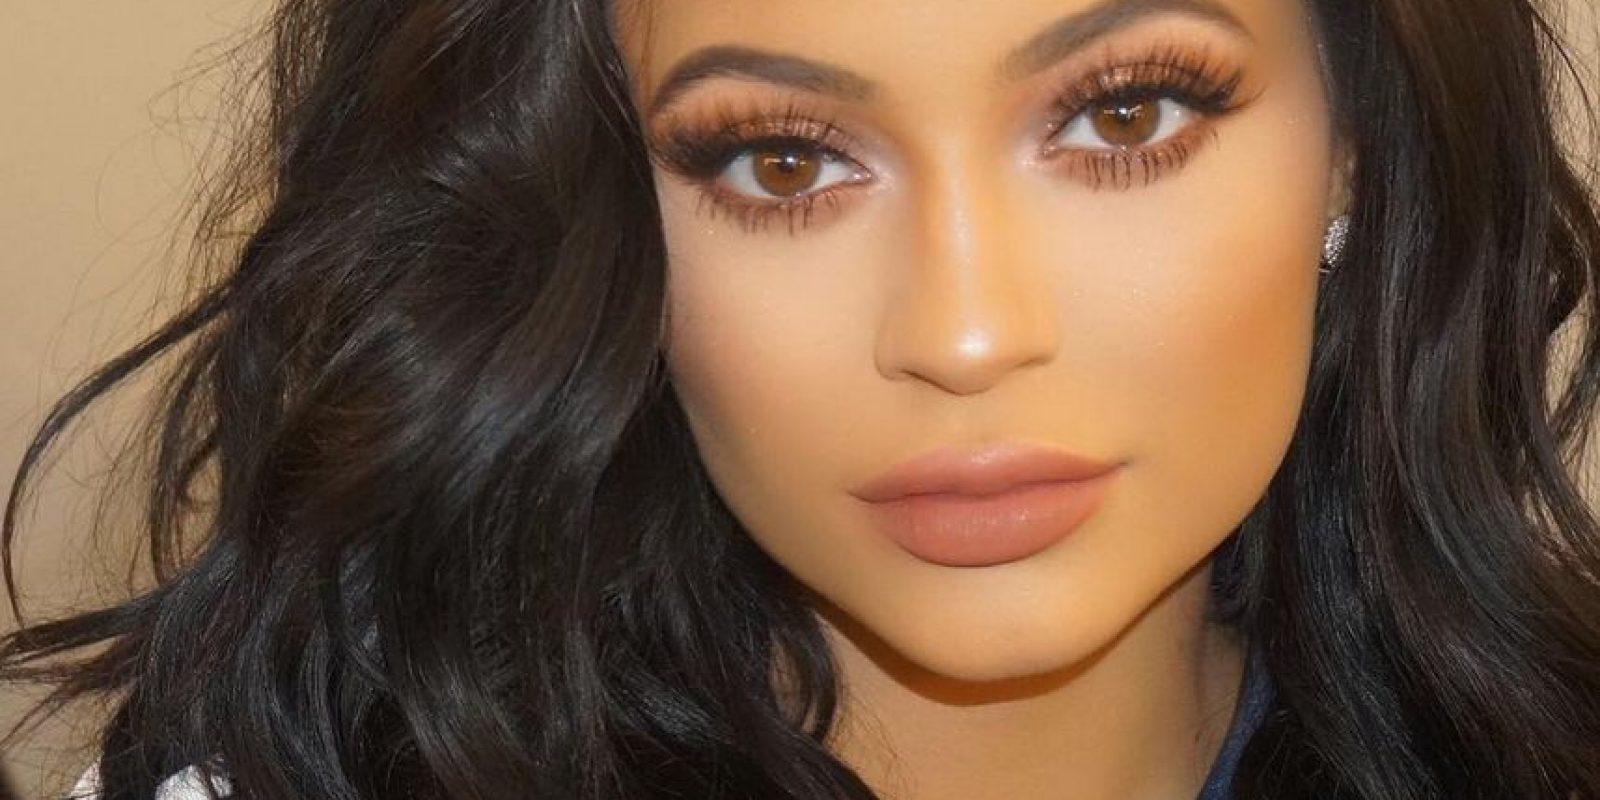 Al parecer, Kylie le paga a esta persona 500 mil dólares anuales Foto:Vía instagram.com/kyliejenner/